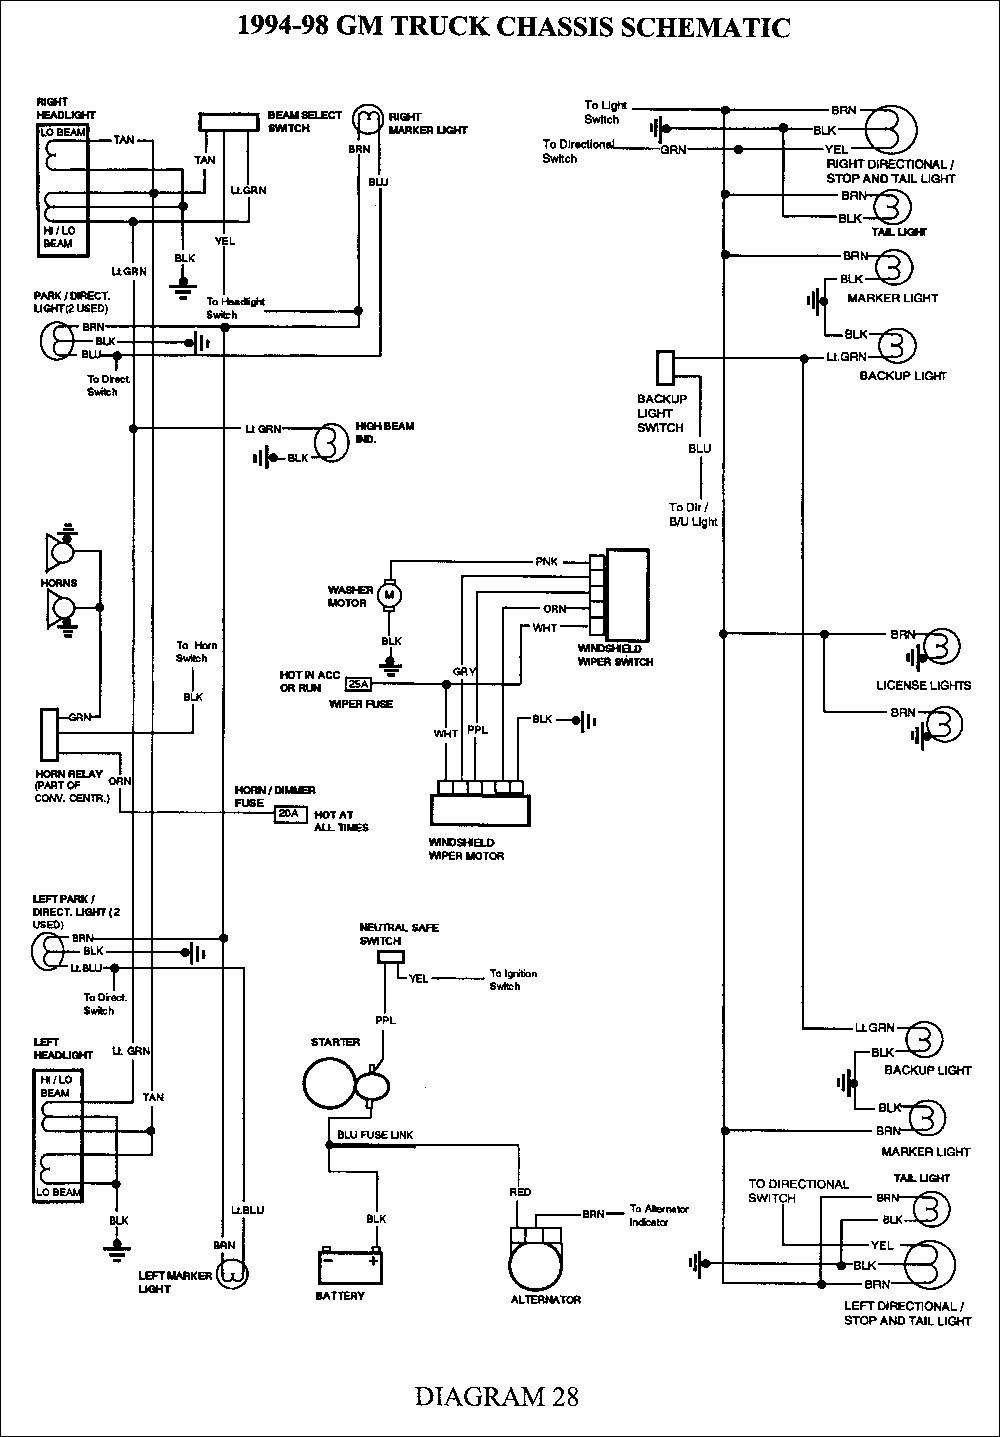 [DIAGRAM_3US]  2013 Chevy Silverado Dash Wiring Harness Diagram - main.gone.seblock.de | Chevrolet Trailer Wiring Harness |  | Wiring Schematic Diagram and Worksheet Resources